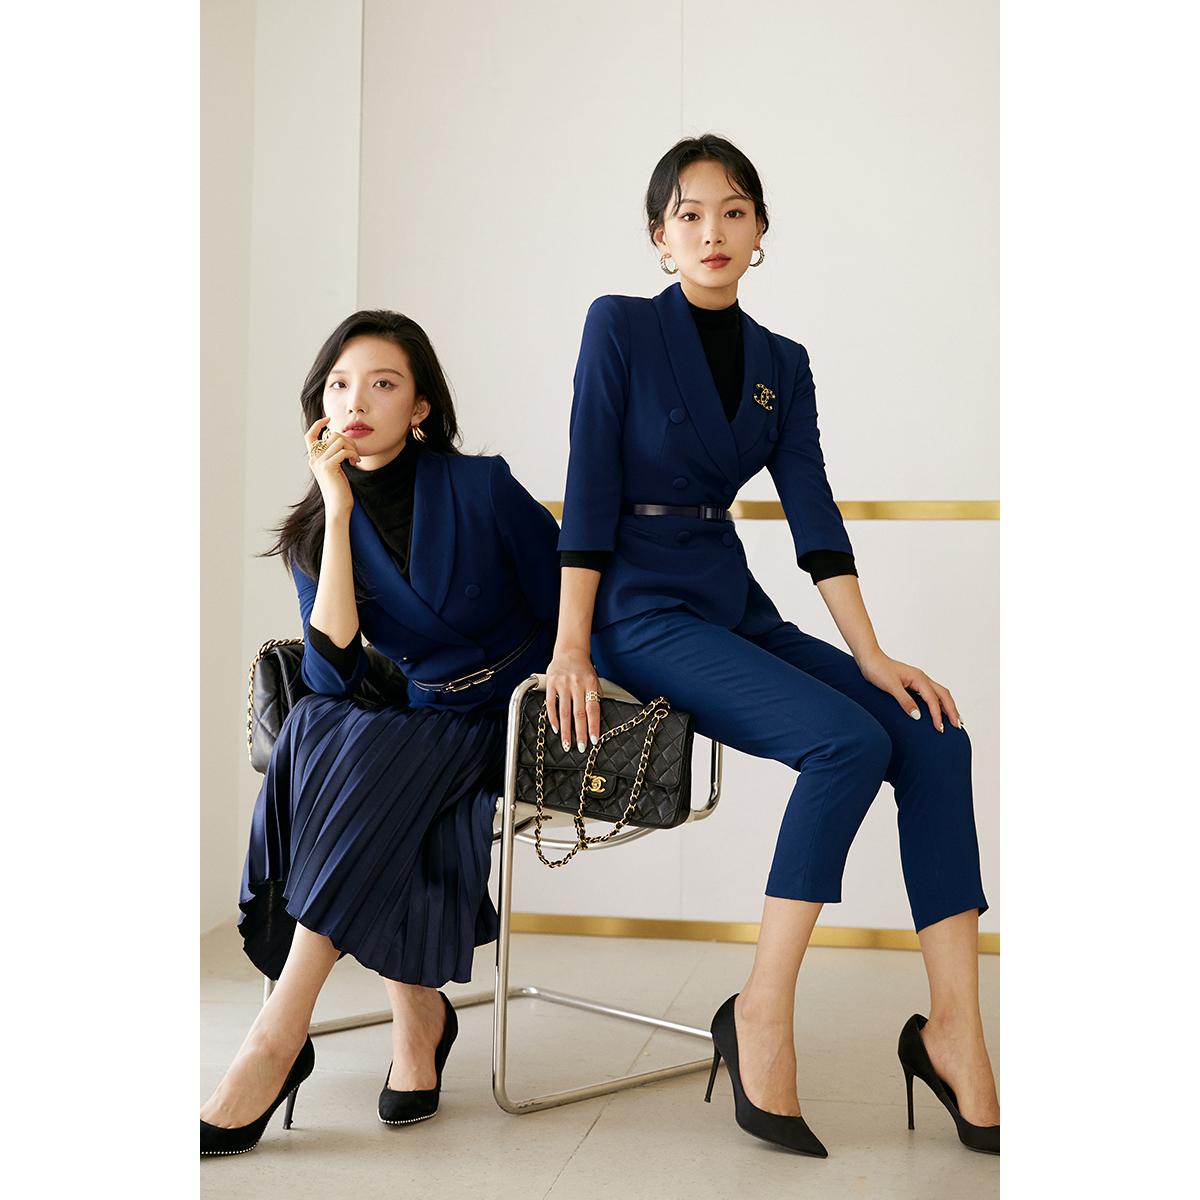 女子成鉴藏青色长袖短款西服套裤职业装套装两件套小西装外套女秋